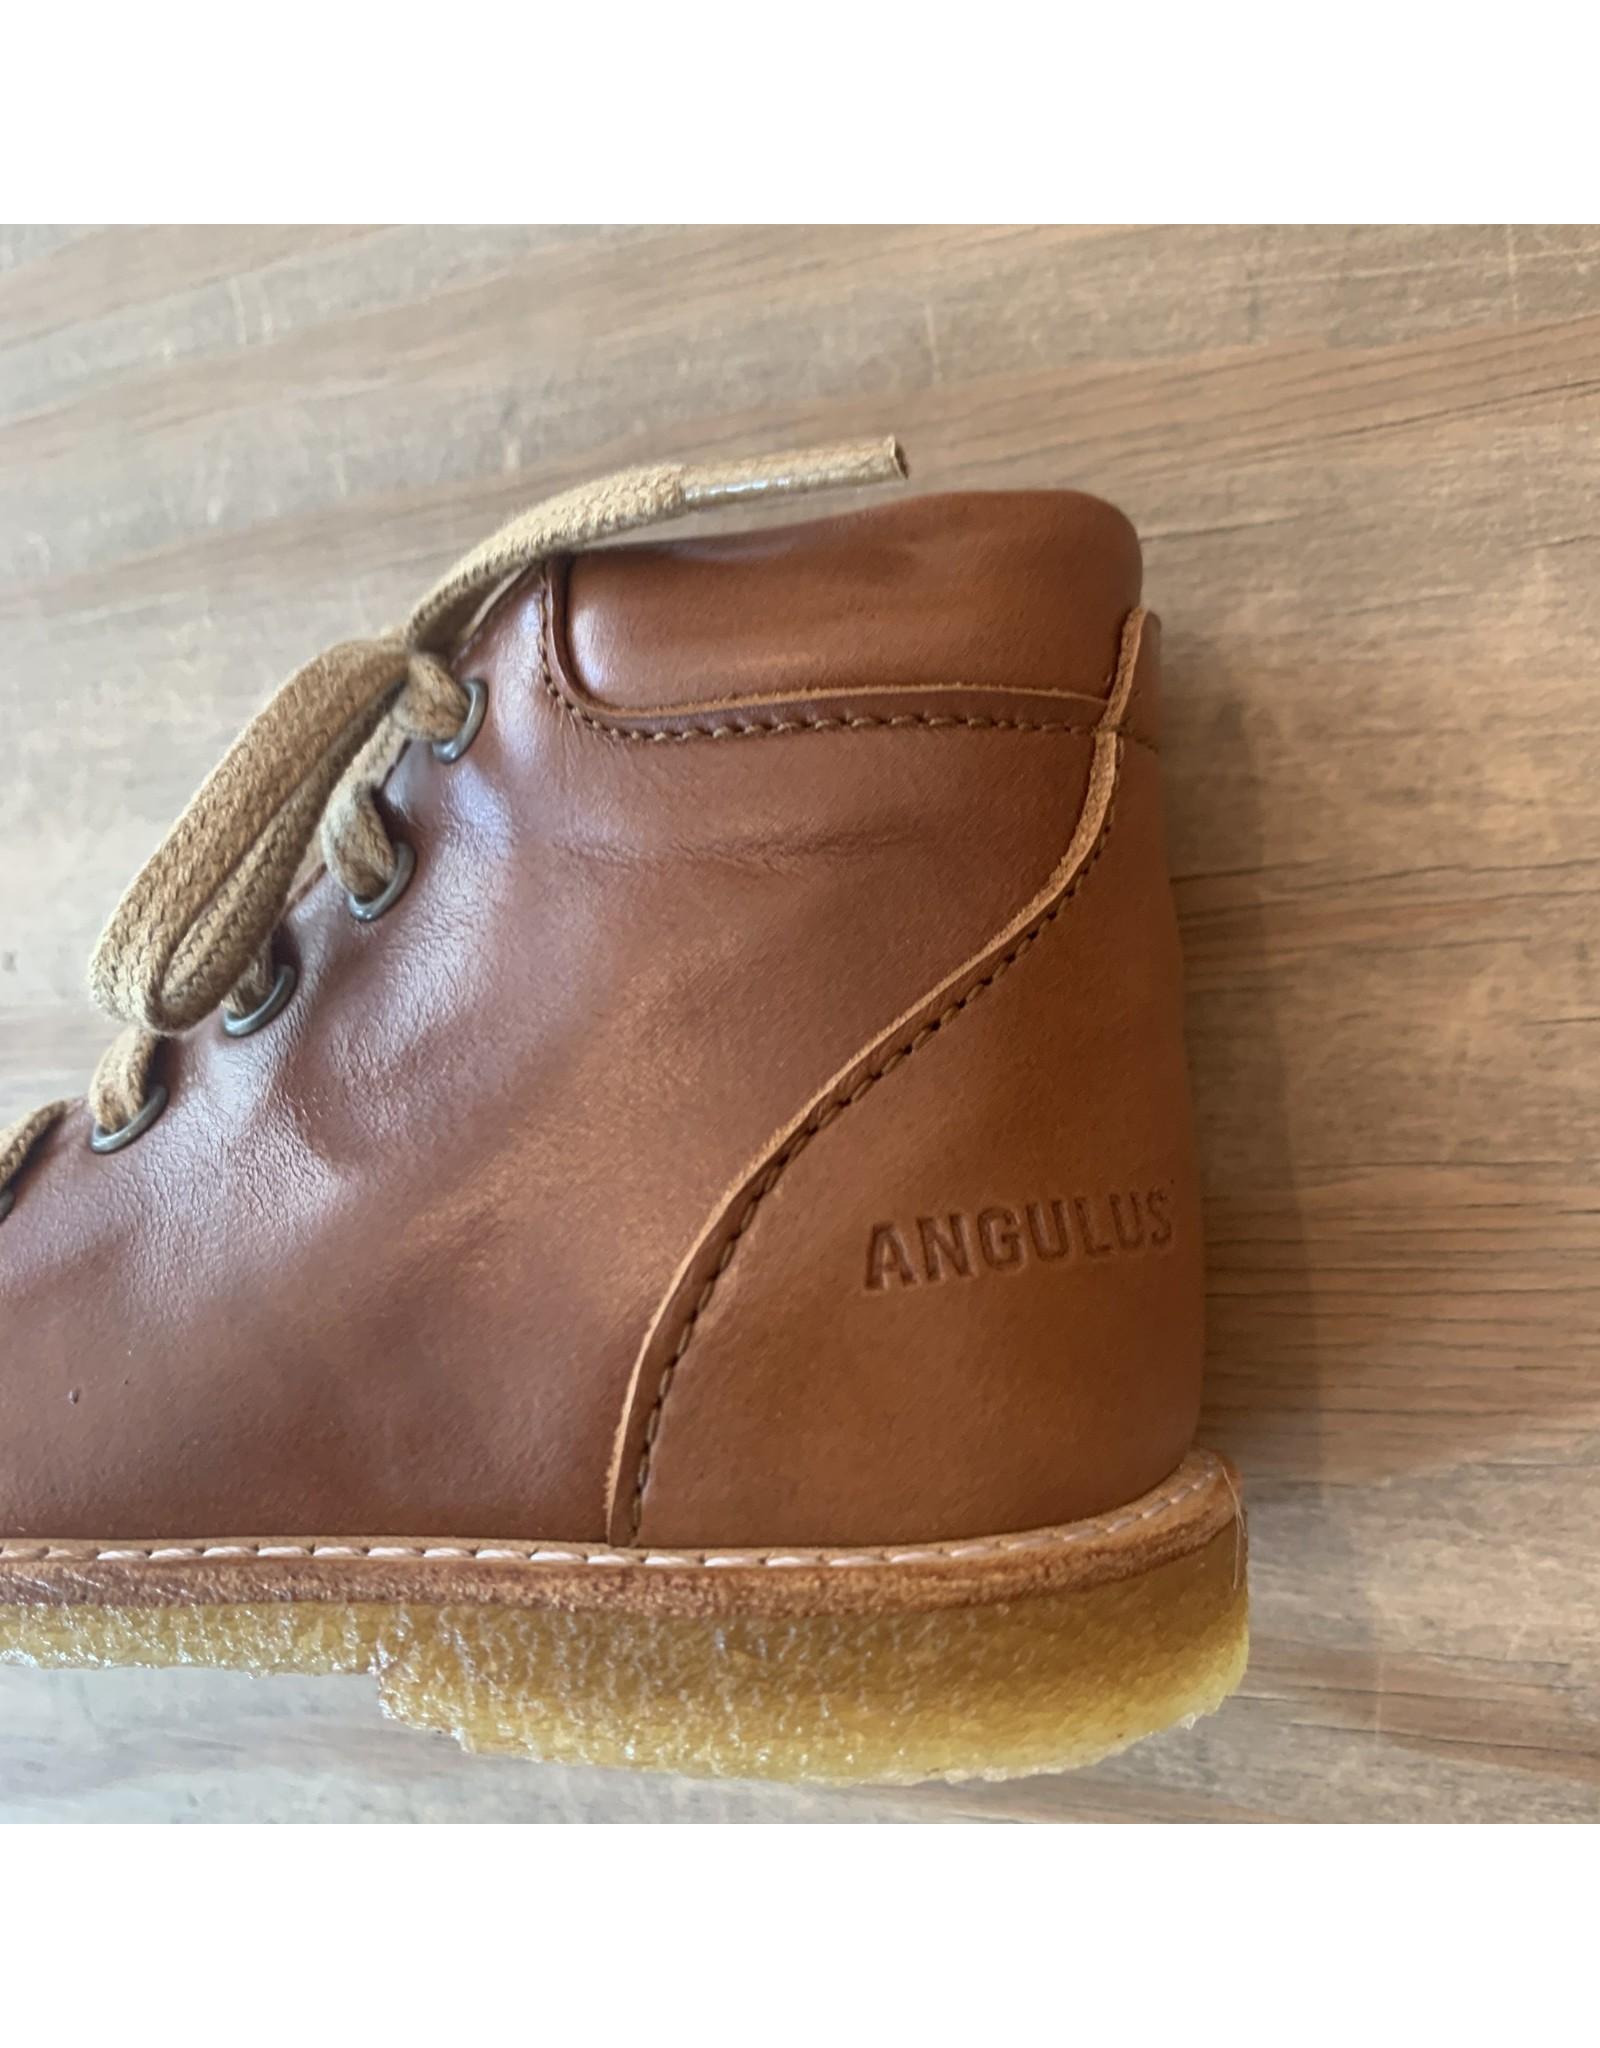 ANGULUS ANGULUS 2361-101 COGNAC